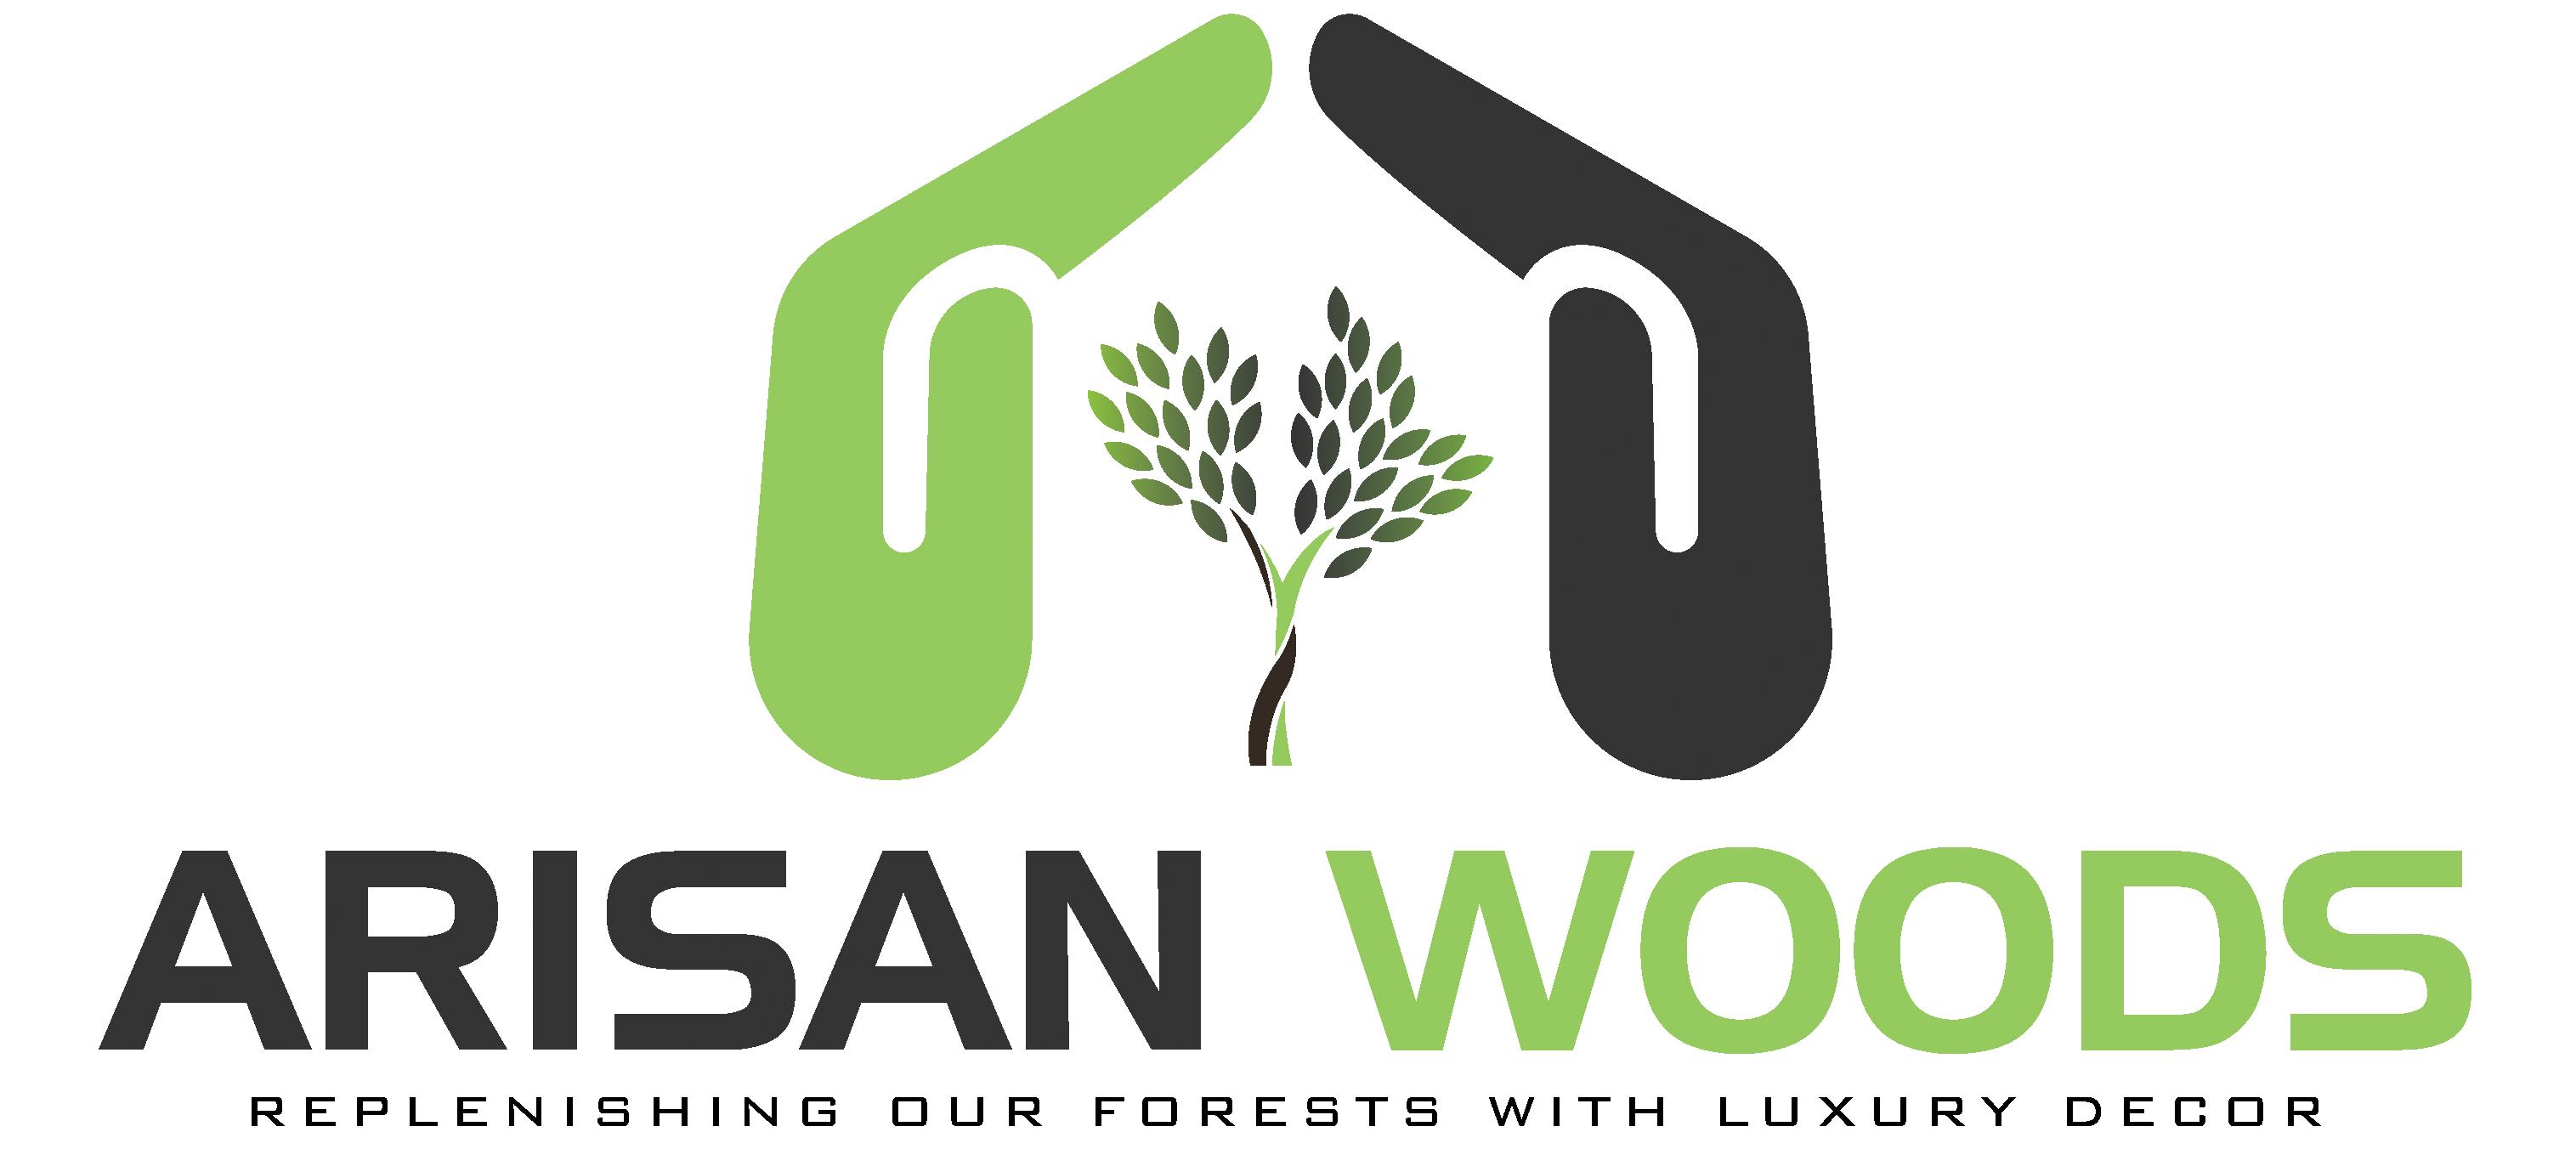 Arisan Woods logo